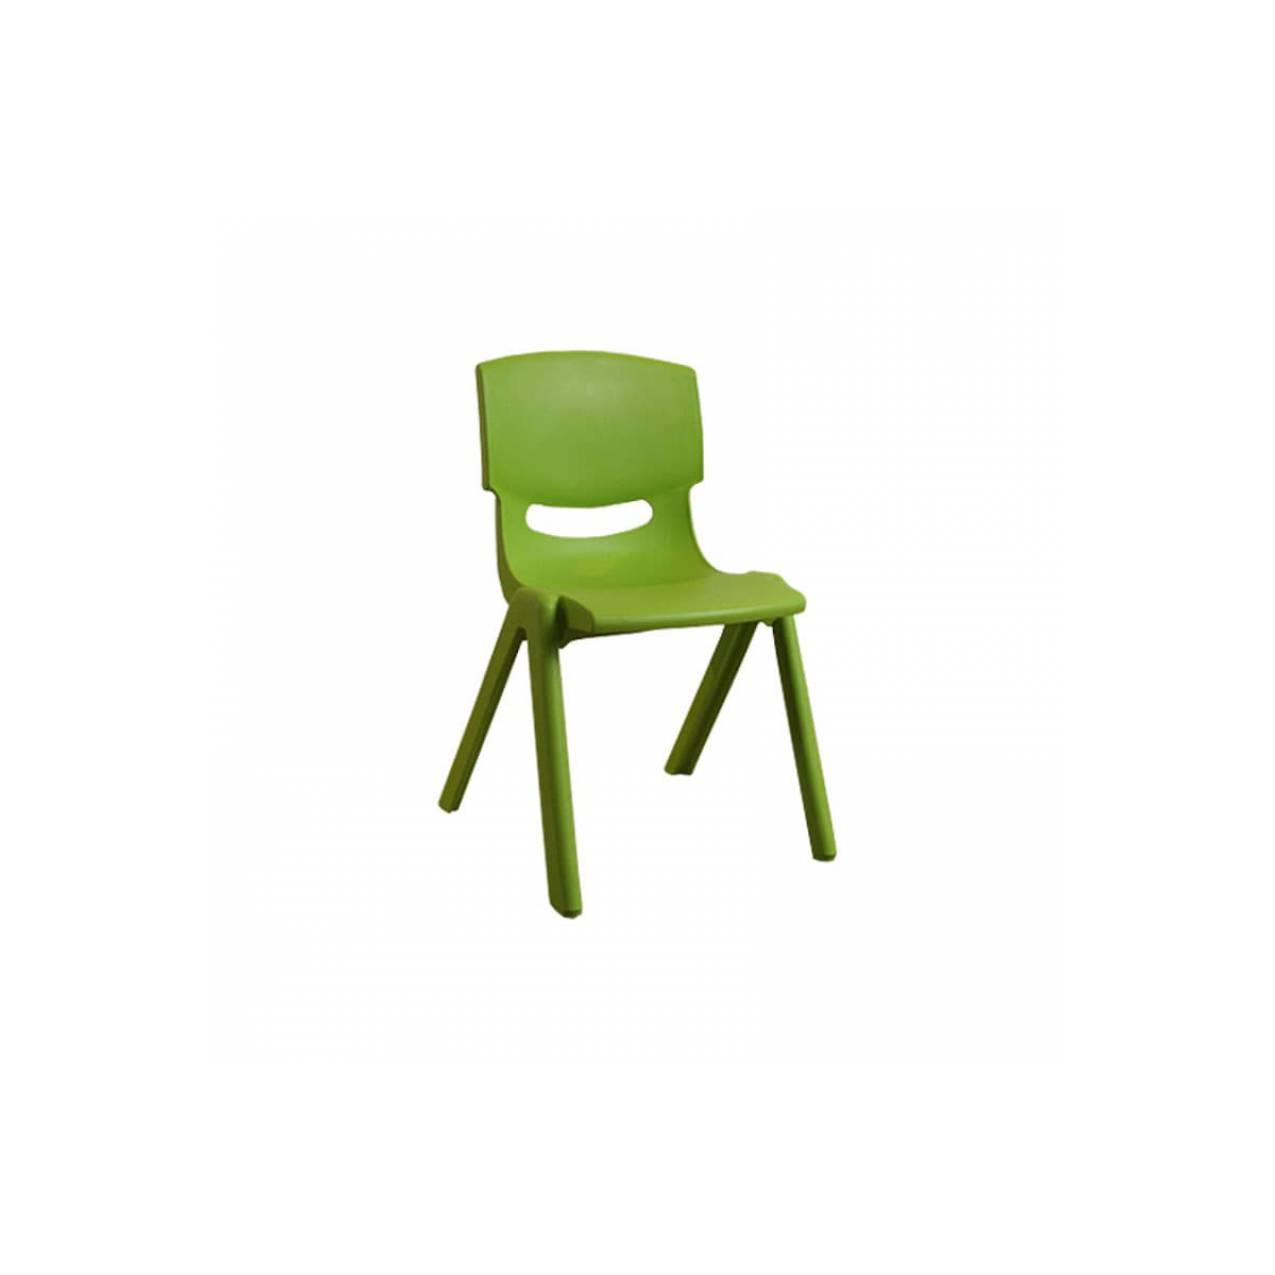 Kursi Anak Atria Shawn Kids Chair Green New